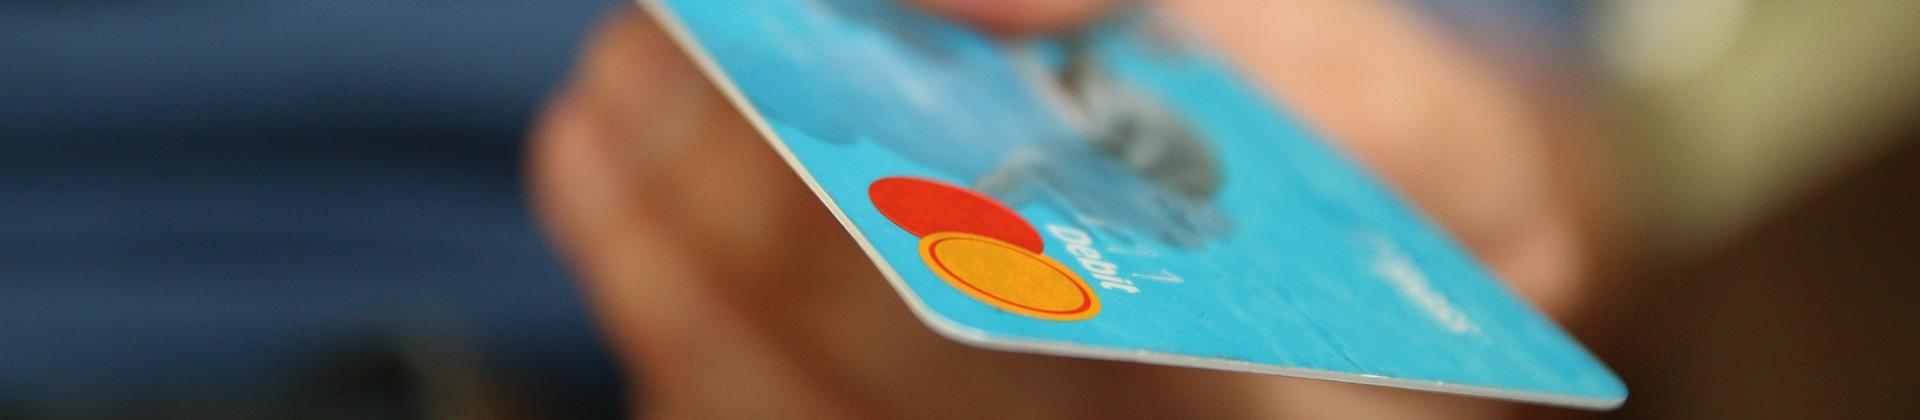 cartao-de-credito_ofertas_money-256314_1920